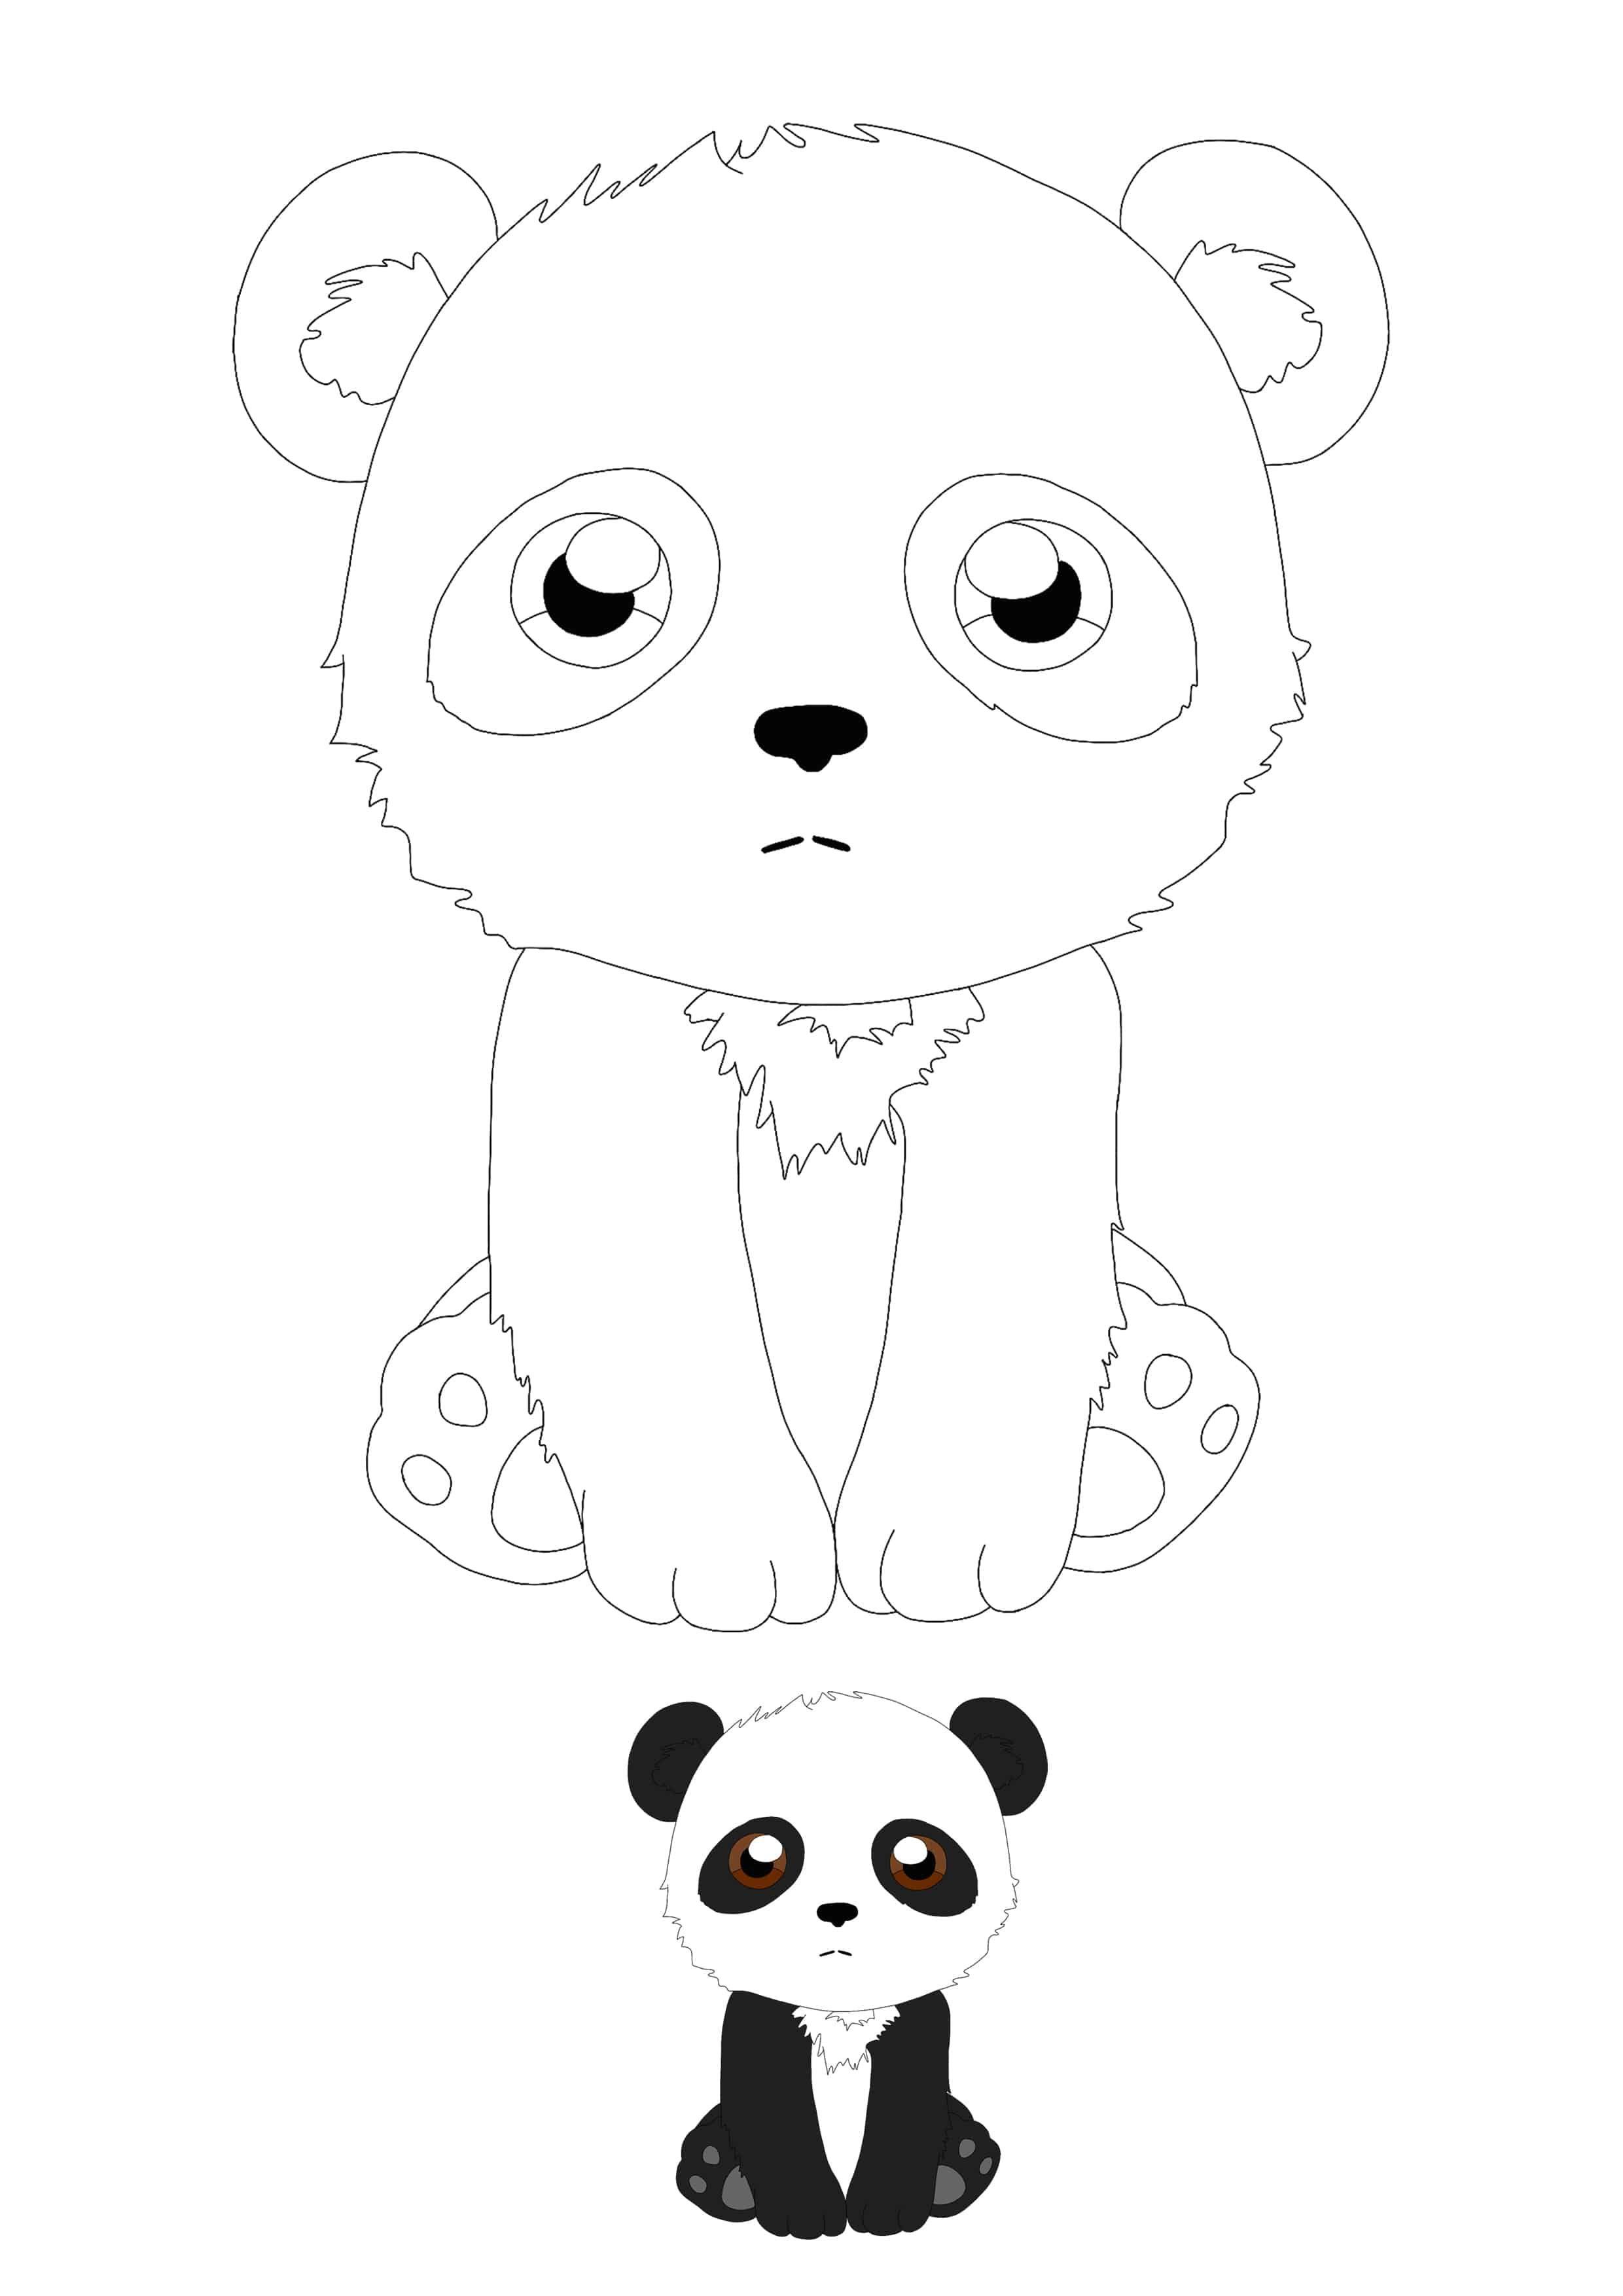 Kawaii Panda Coloring Page With Preview Panda Coloring Pages Kawaii Panda Coloring Pages